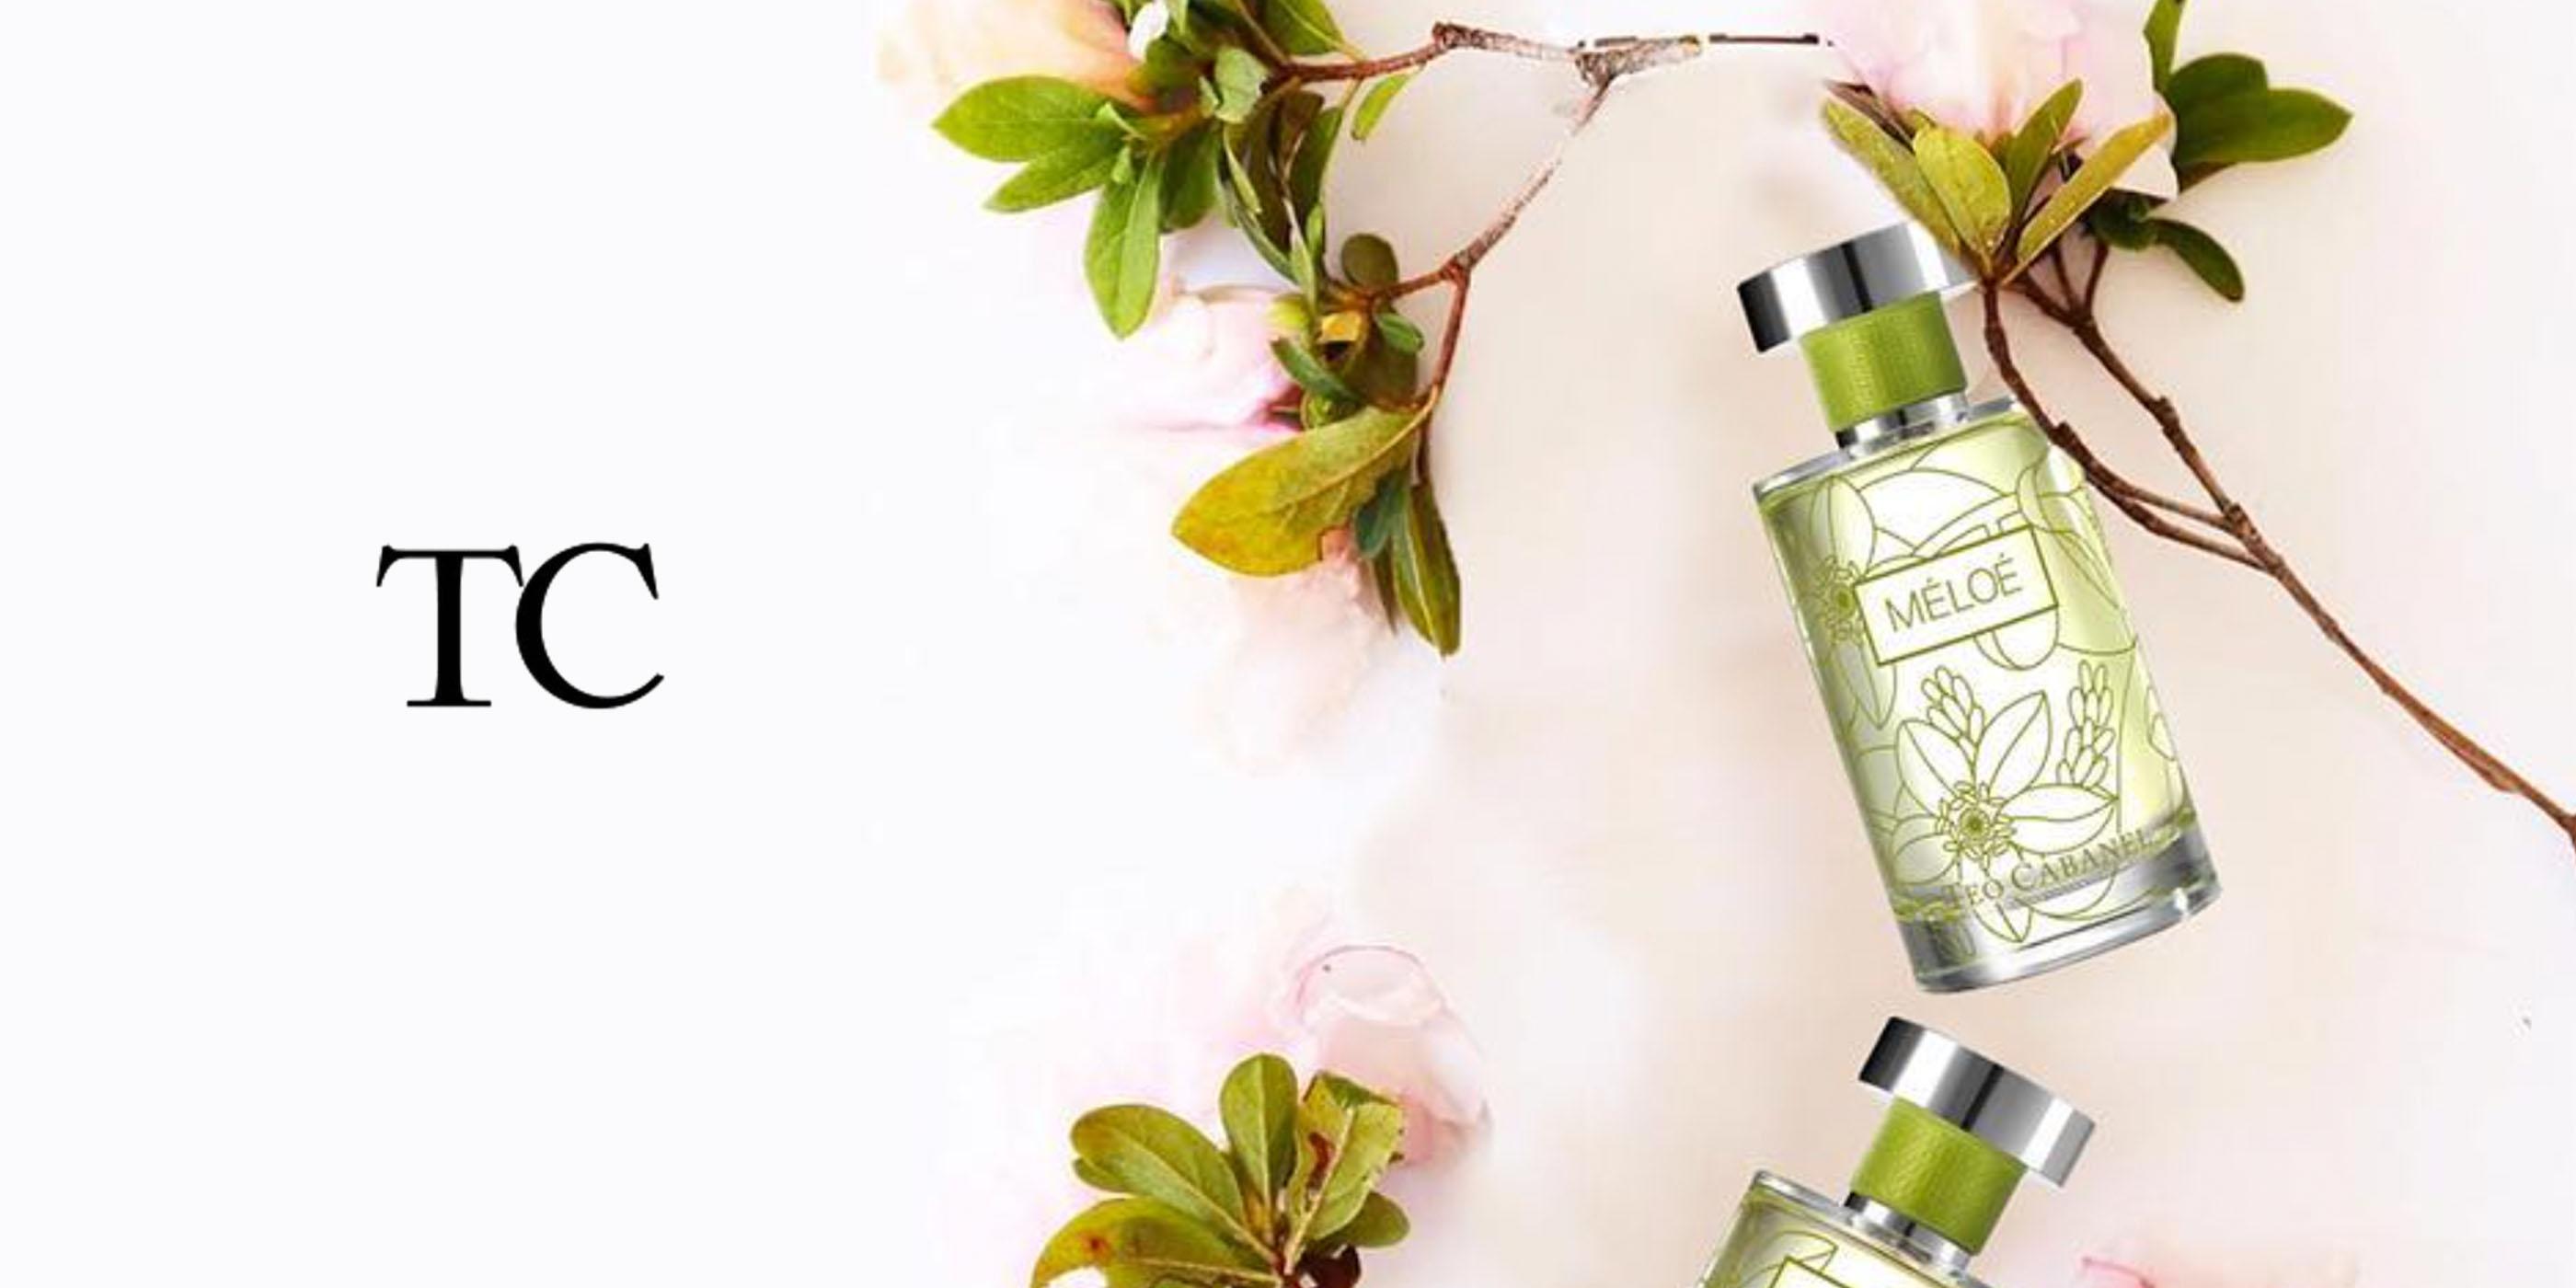 Teo Cabanel Meloe Fresh parfum